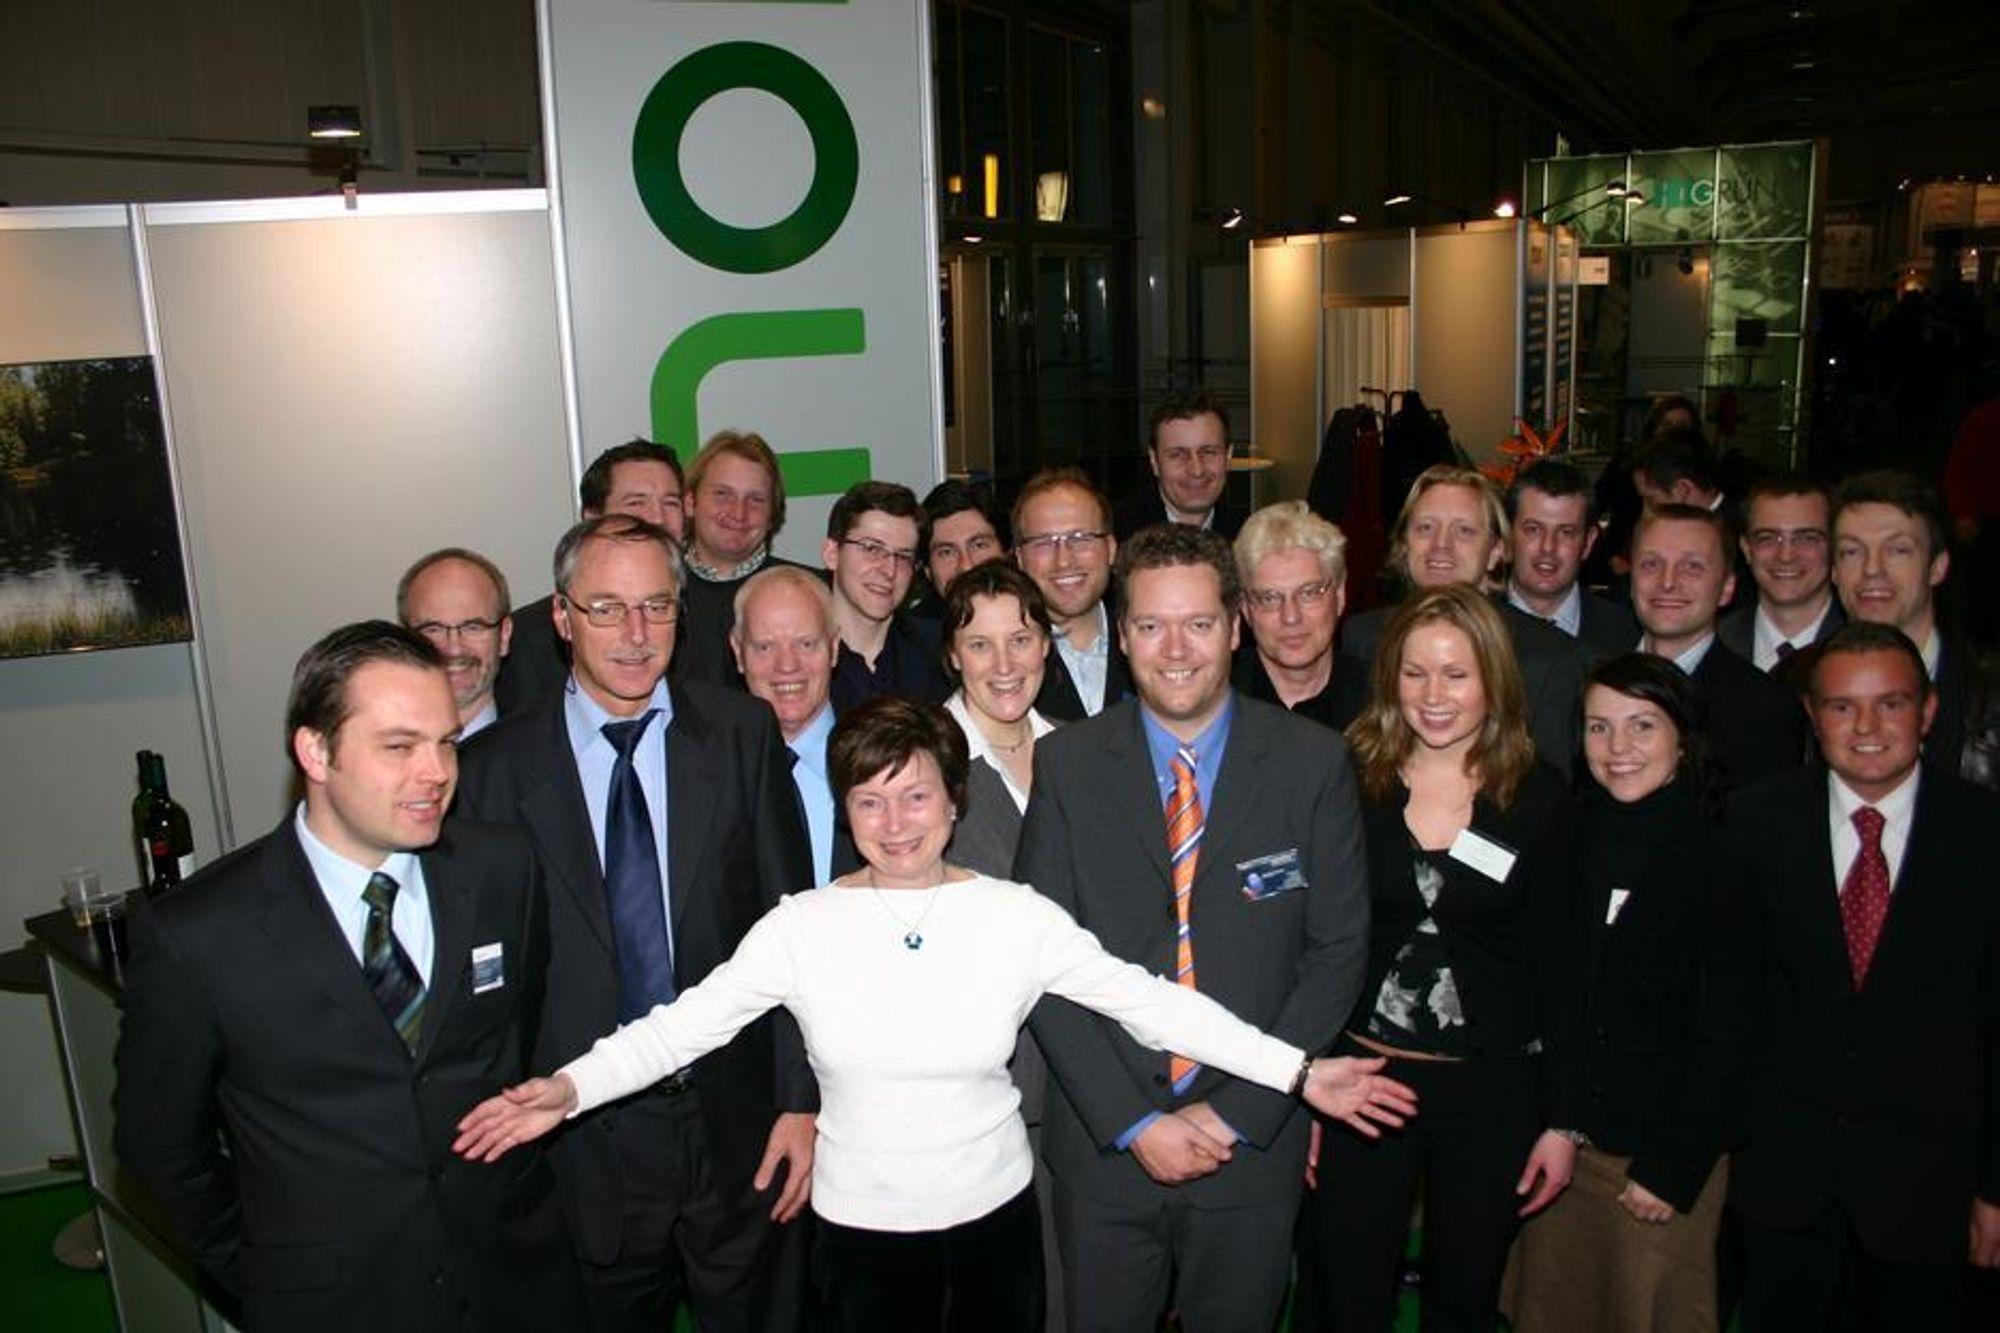 Ønsker flere: Direktør Hilde H. Magnusson i Innovasjon Norge ønsker flere norske selskaper til den norske fellesstanden på CeBIT. I år var denne gjengen glade for å være i hall 6.